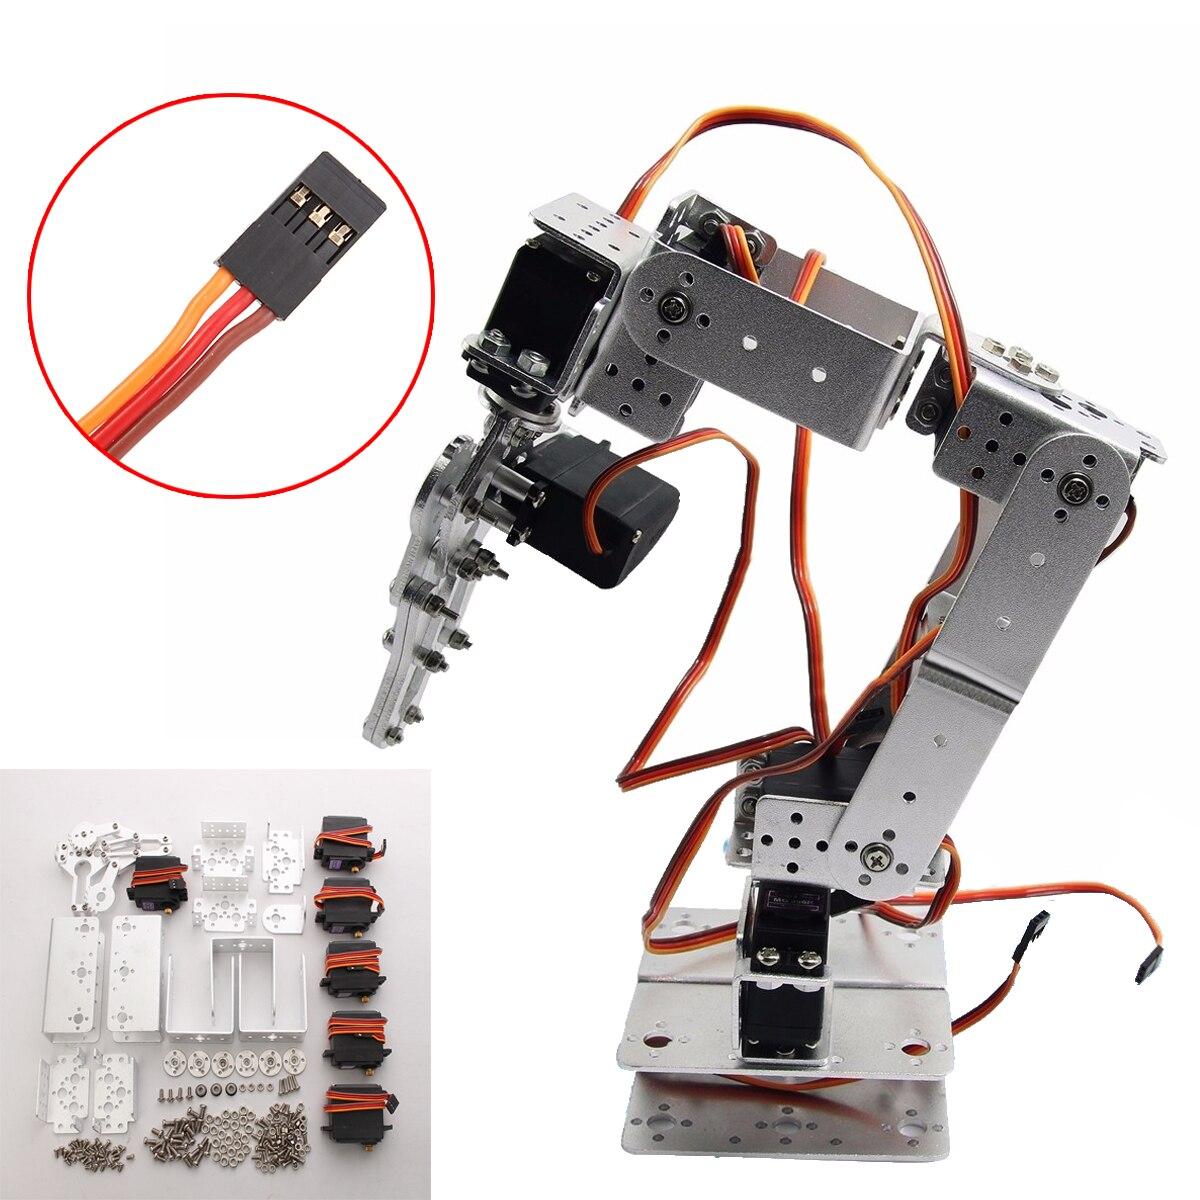 Aluminium Robot 6 DOF Bras Mécanique Bras Robotique Pince Griffe Kit de Montage w/Servos Servo Corne pour Arduino argent D'action Figurine